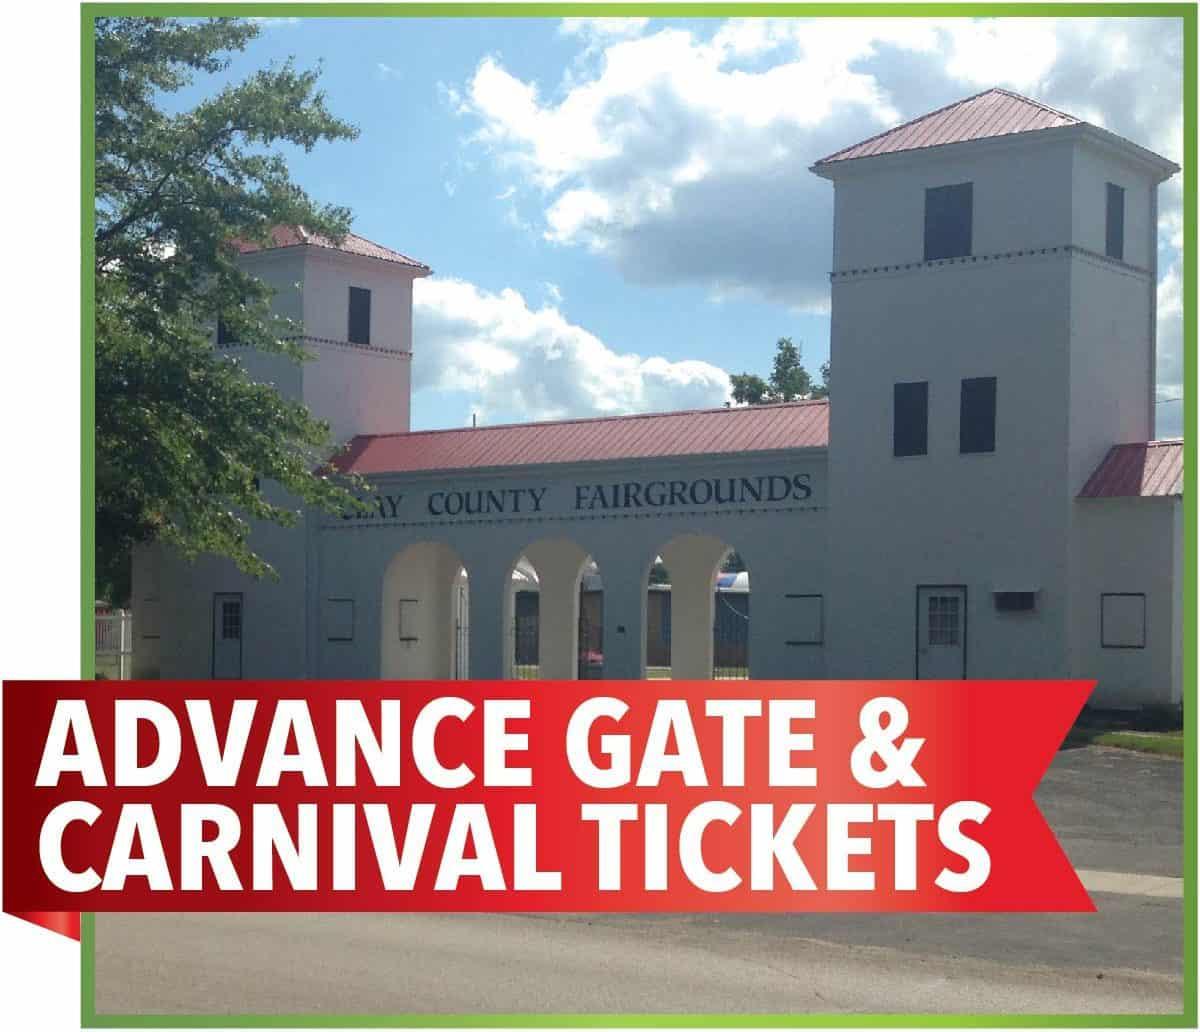 AdvanceGate&Carnival